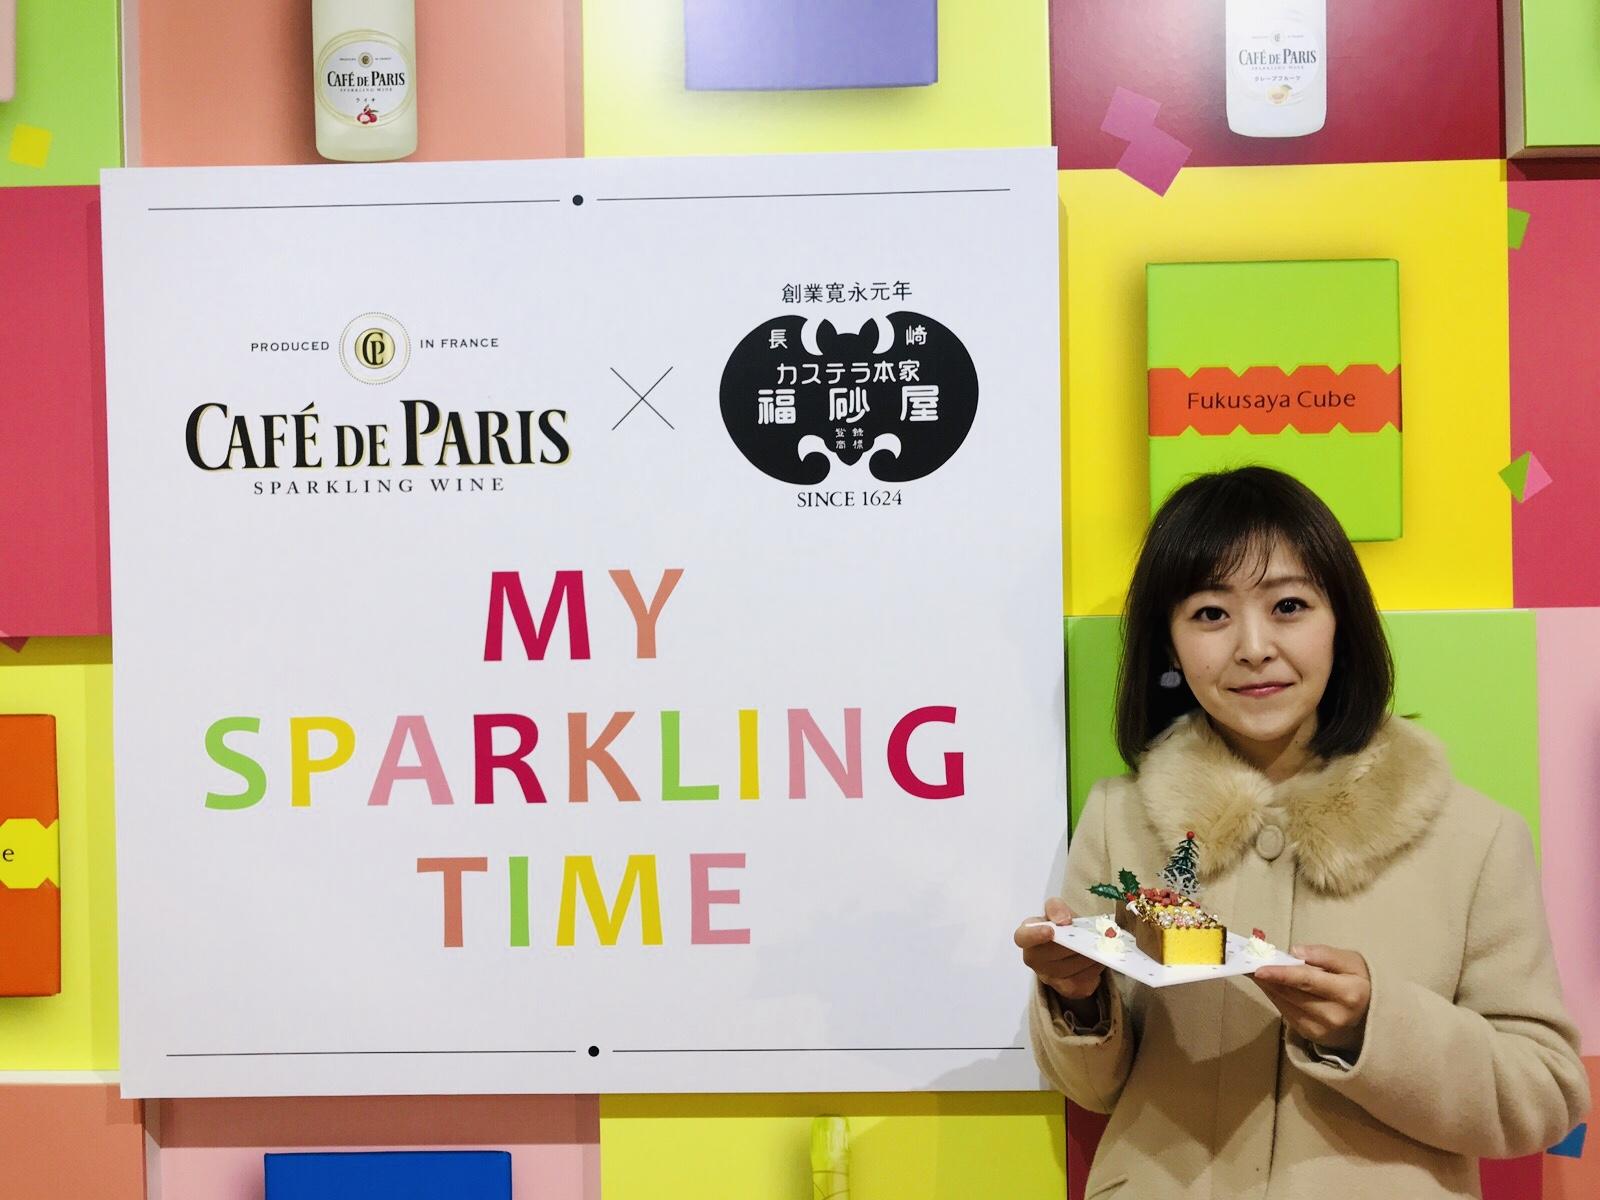 【カフェ・ド・パリ×福砂屋】無料!デコレーションしてオリジナルカステラが作れる♡_15